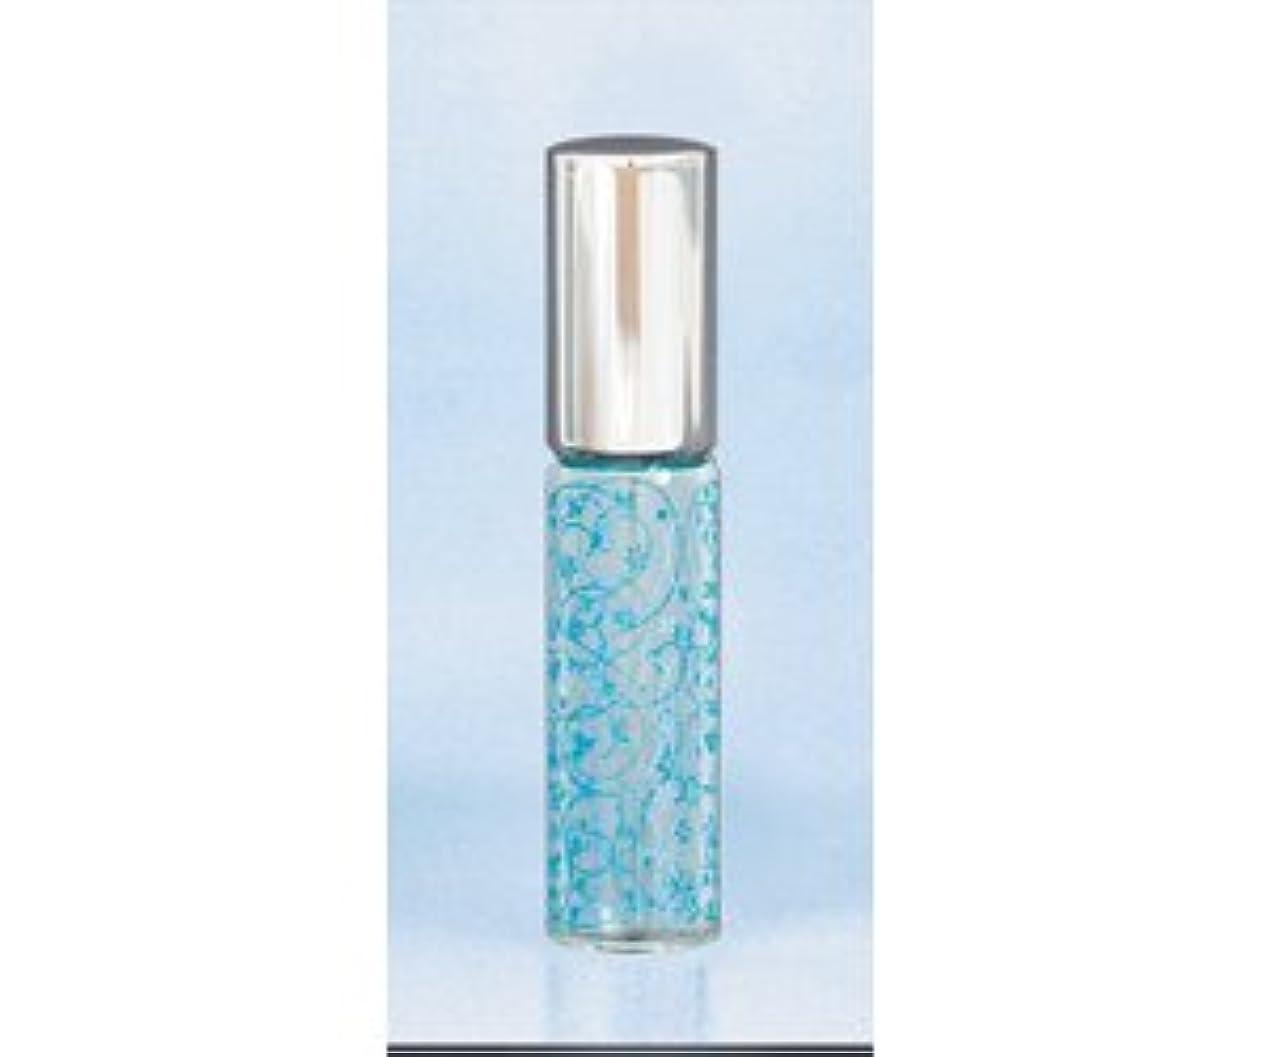 ヤマダアトマイザー コロプチ パフュームローラー 香水 携帯用 詰め換え用付属品入り 60715 アトマイザー